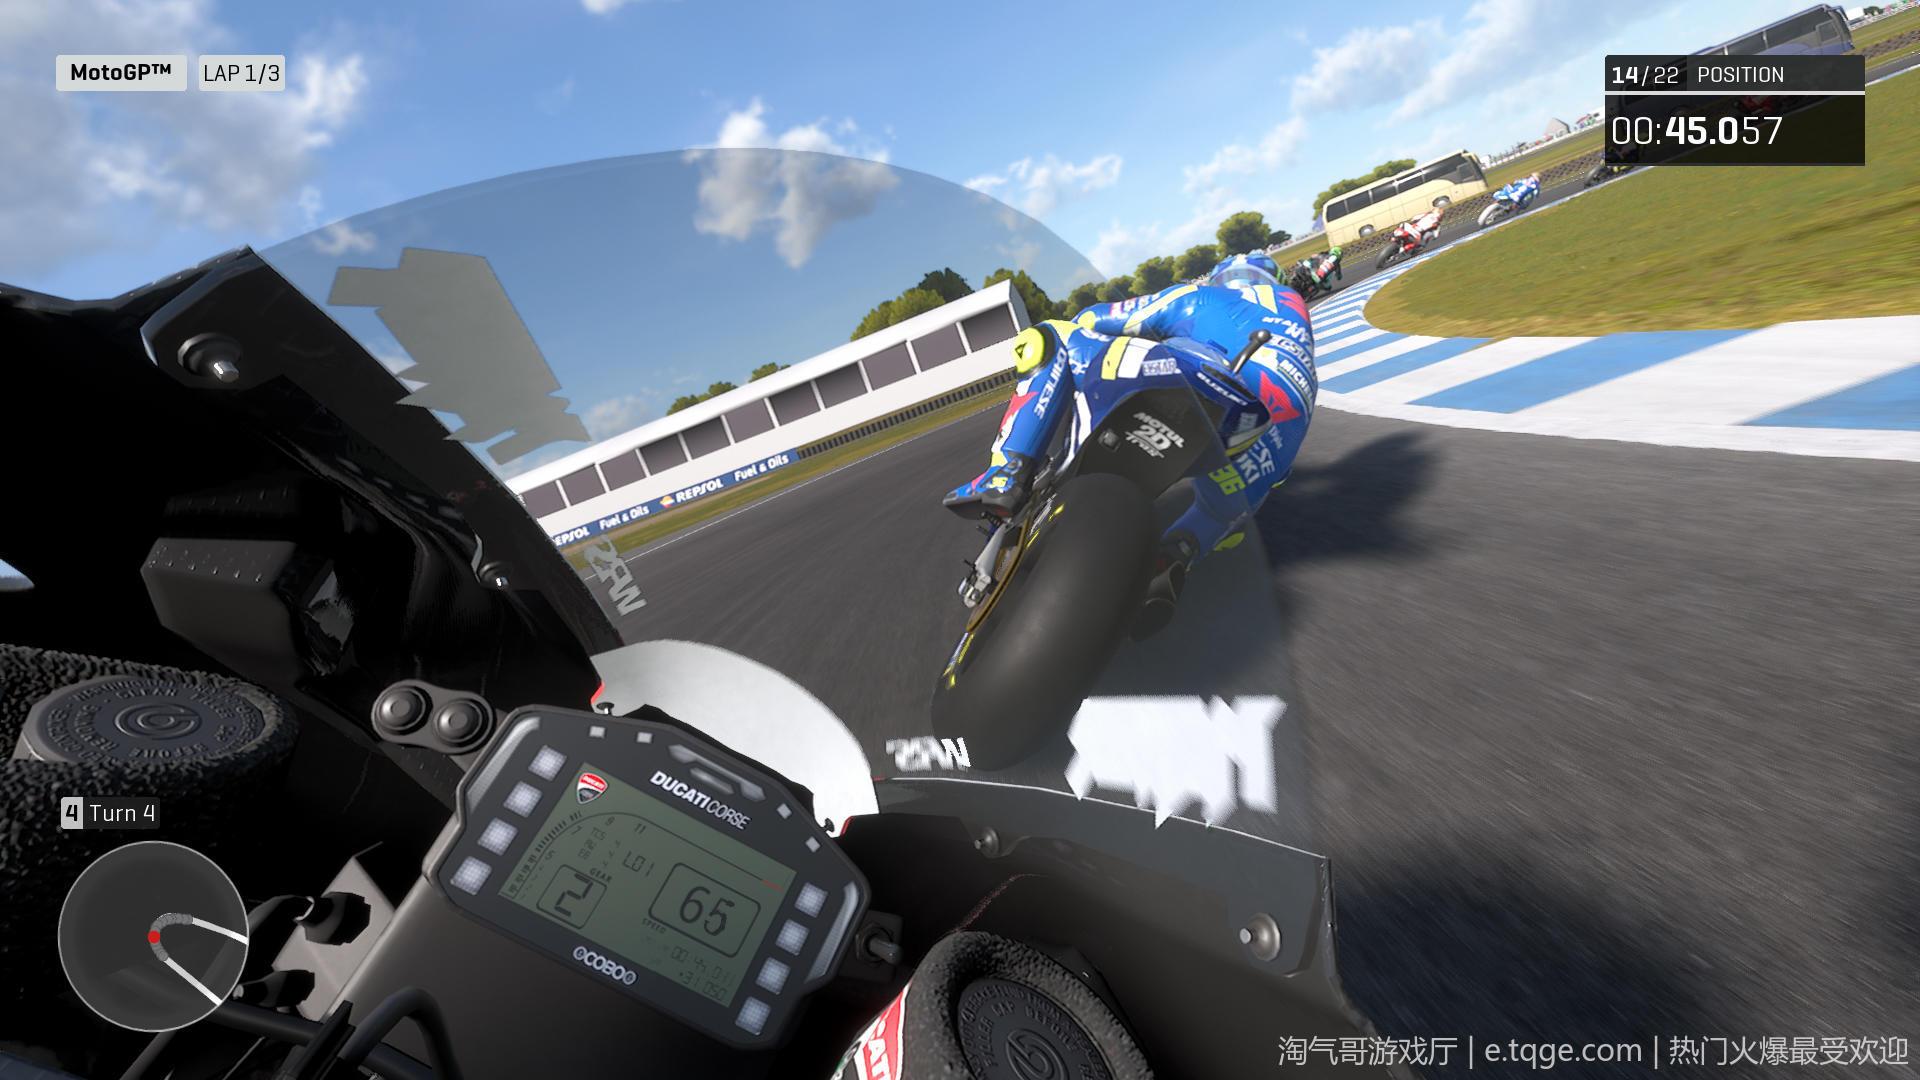 世界摩托大奖赛20/摩托GP20 热门游戏 第10张